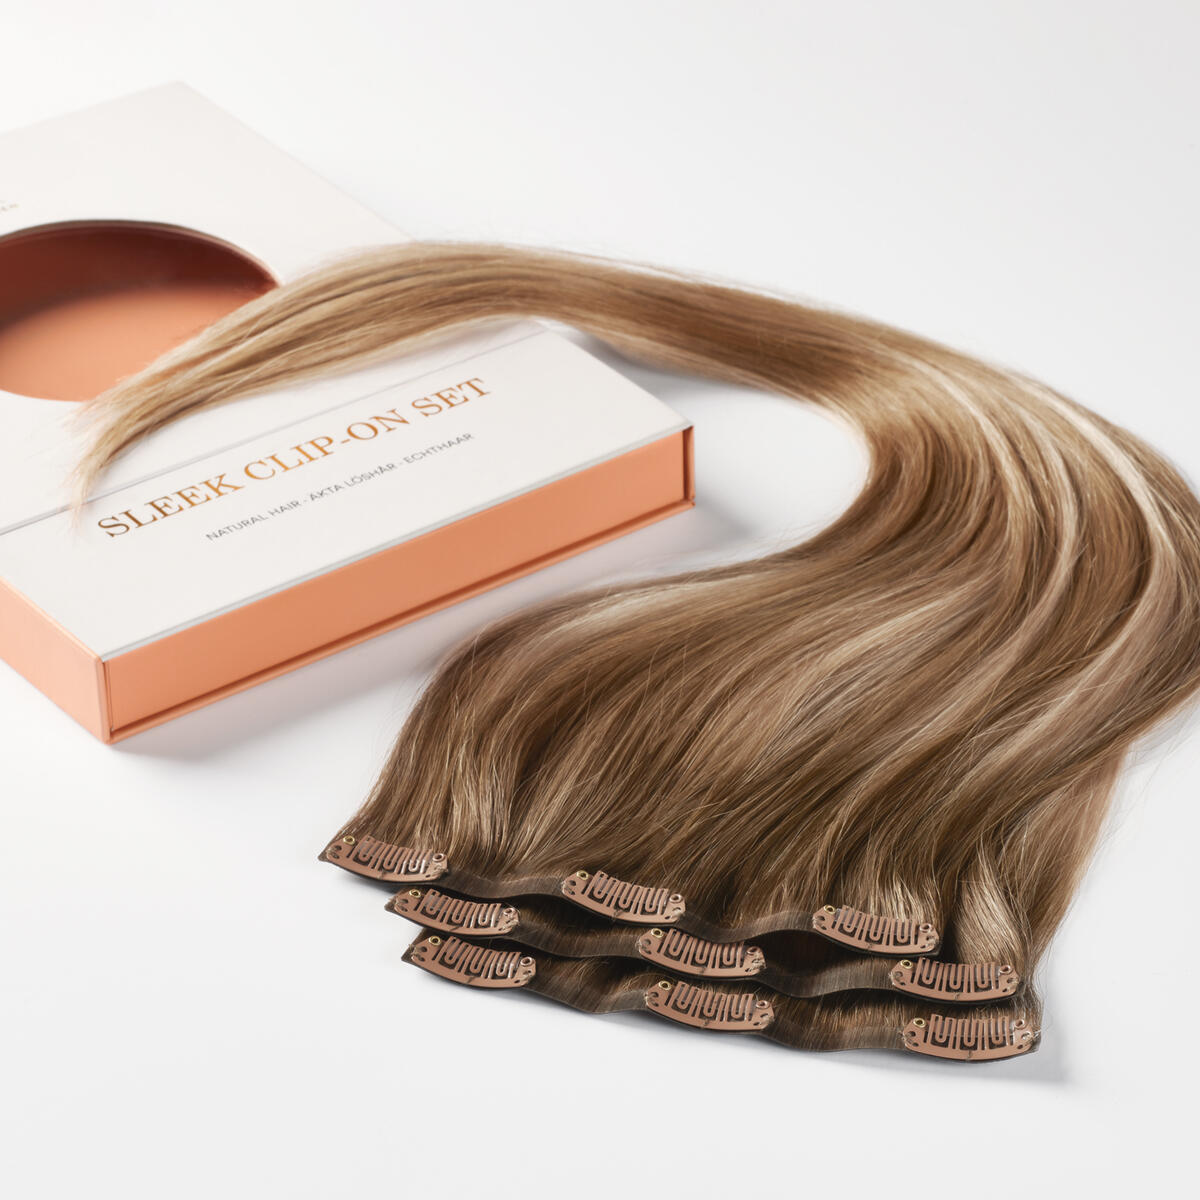 Sleek Clip-on set B5.1/7.3 Brown Ash Blonde Balayage 50 cm